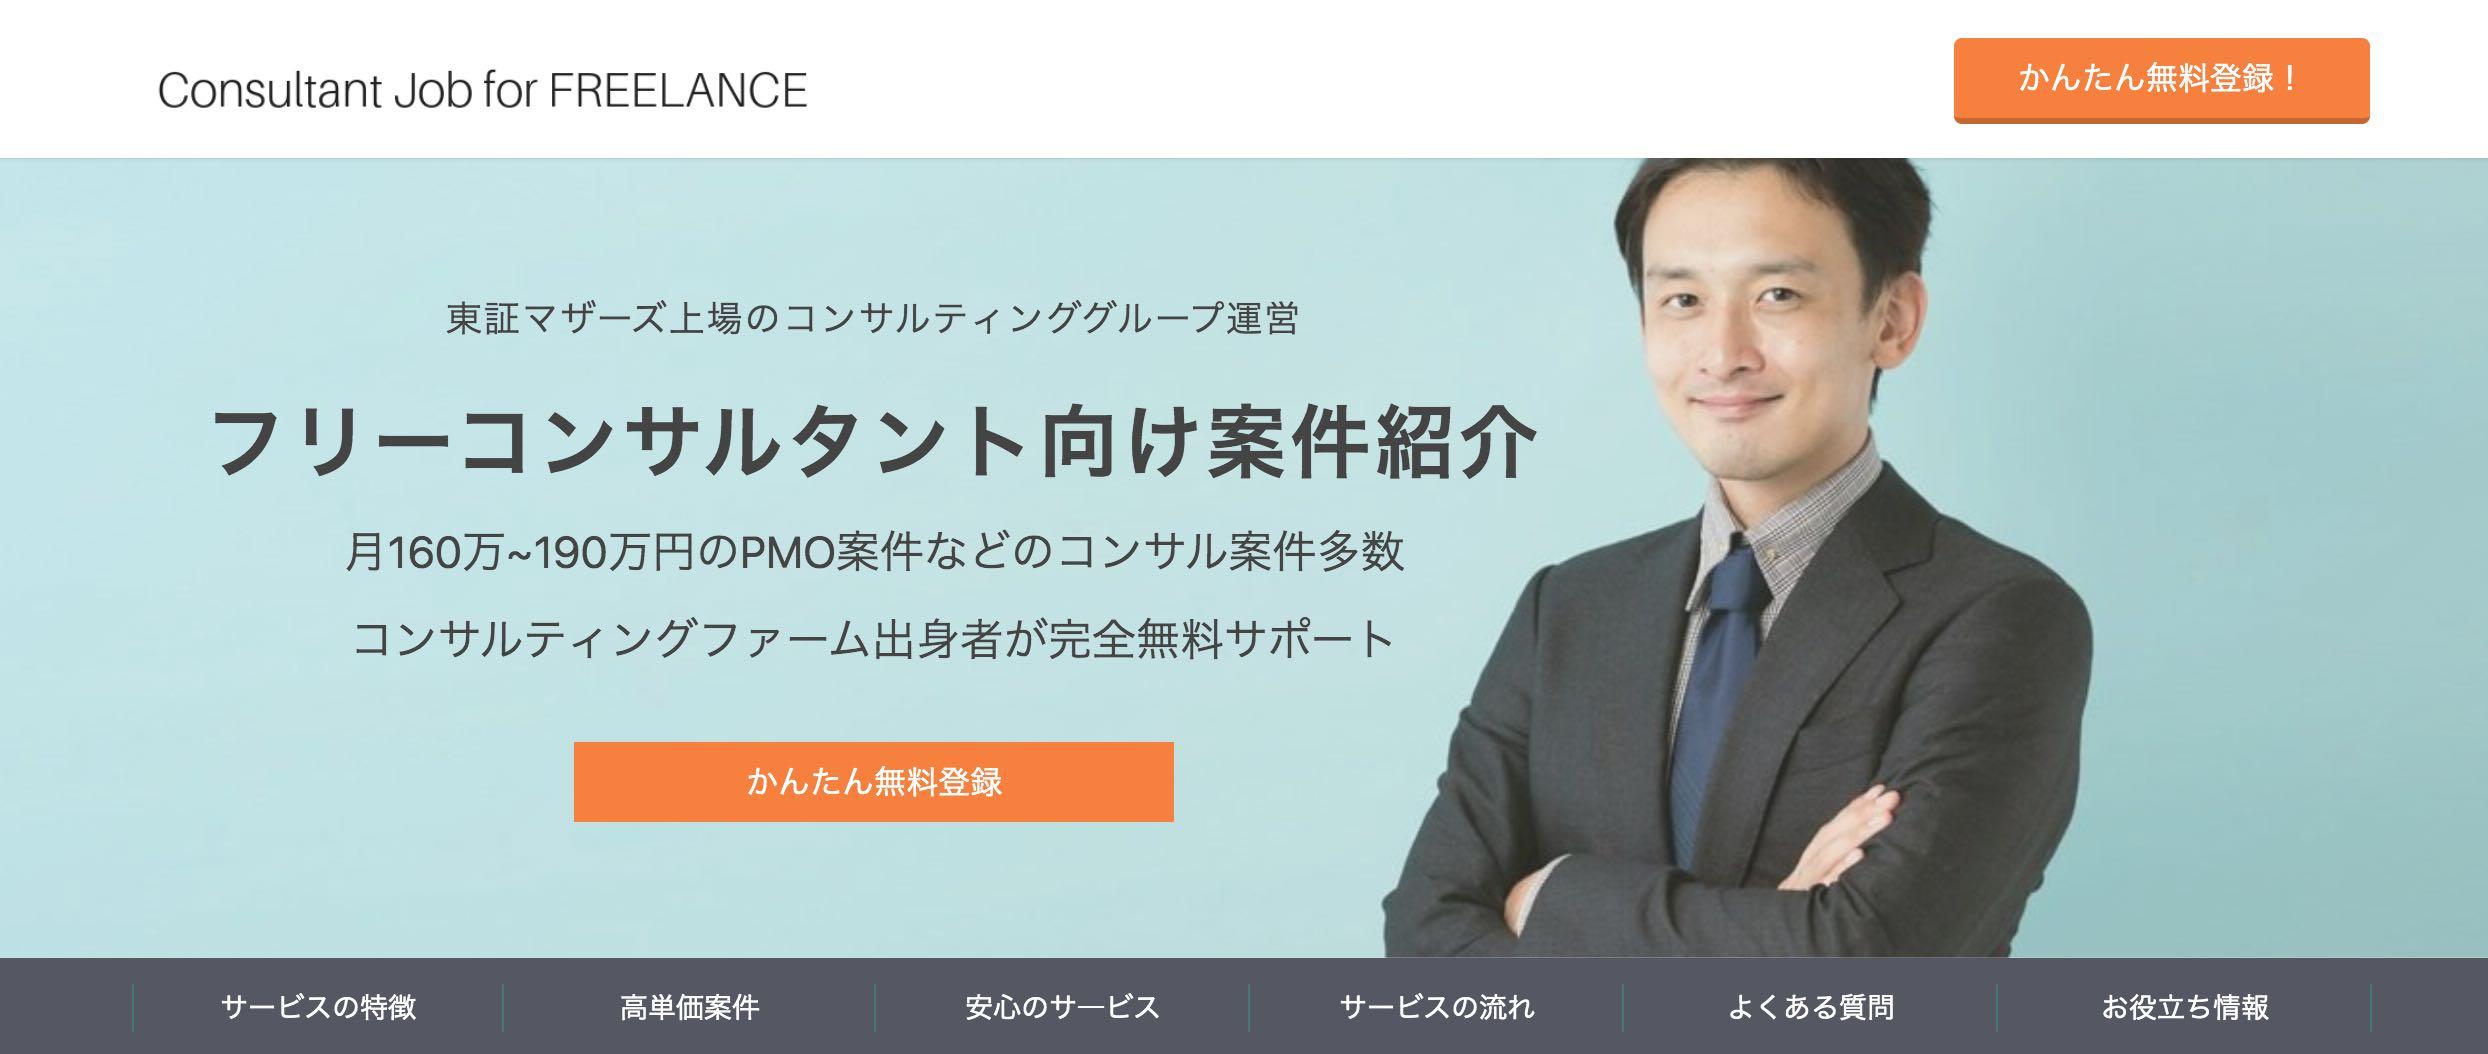 consultant job for freelance(コンサルタントジョブ)